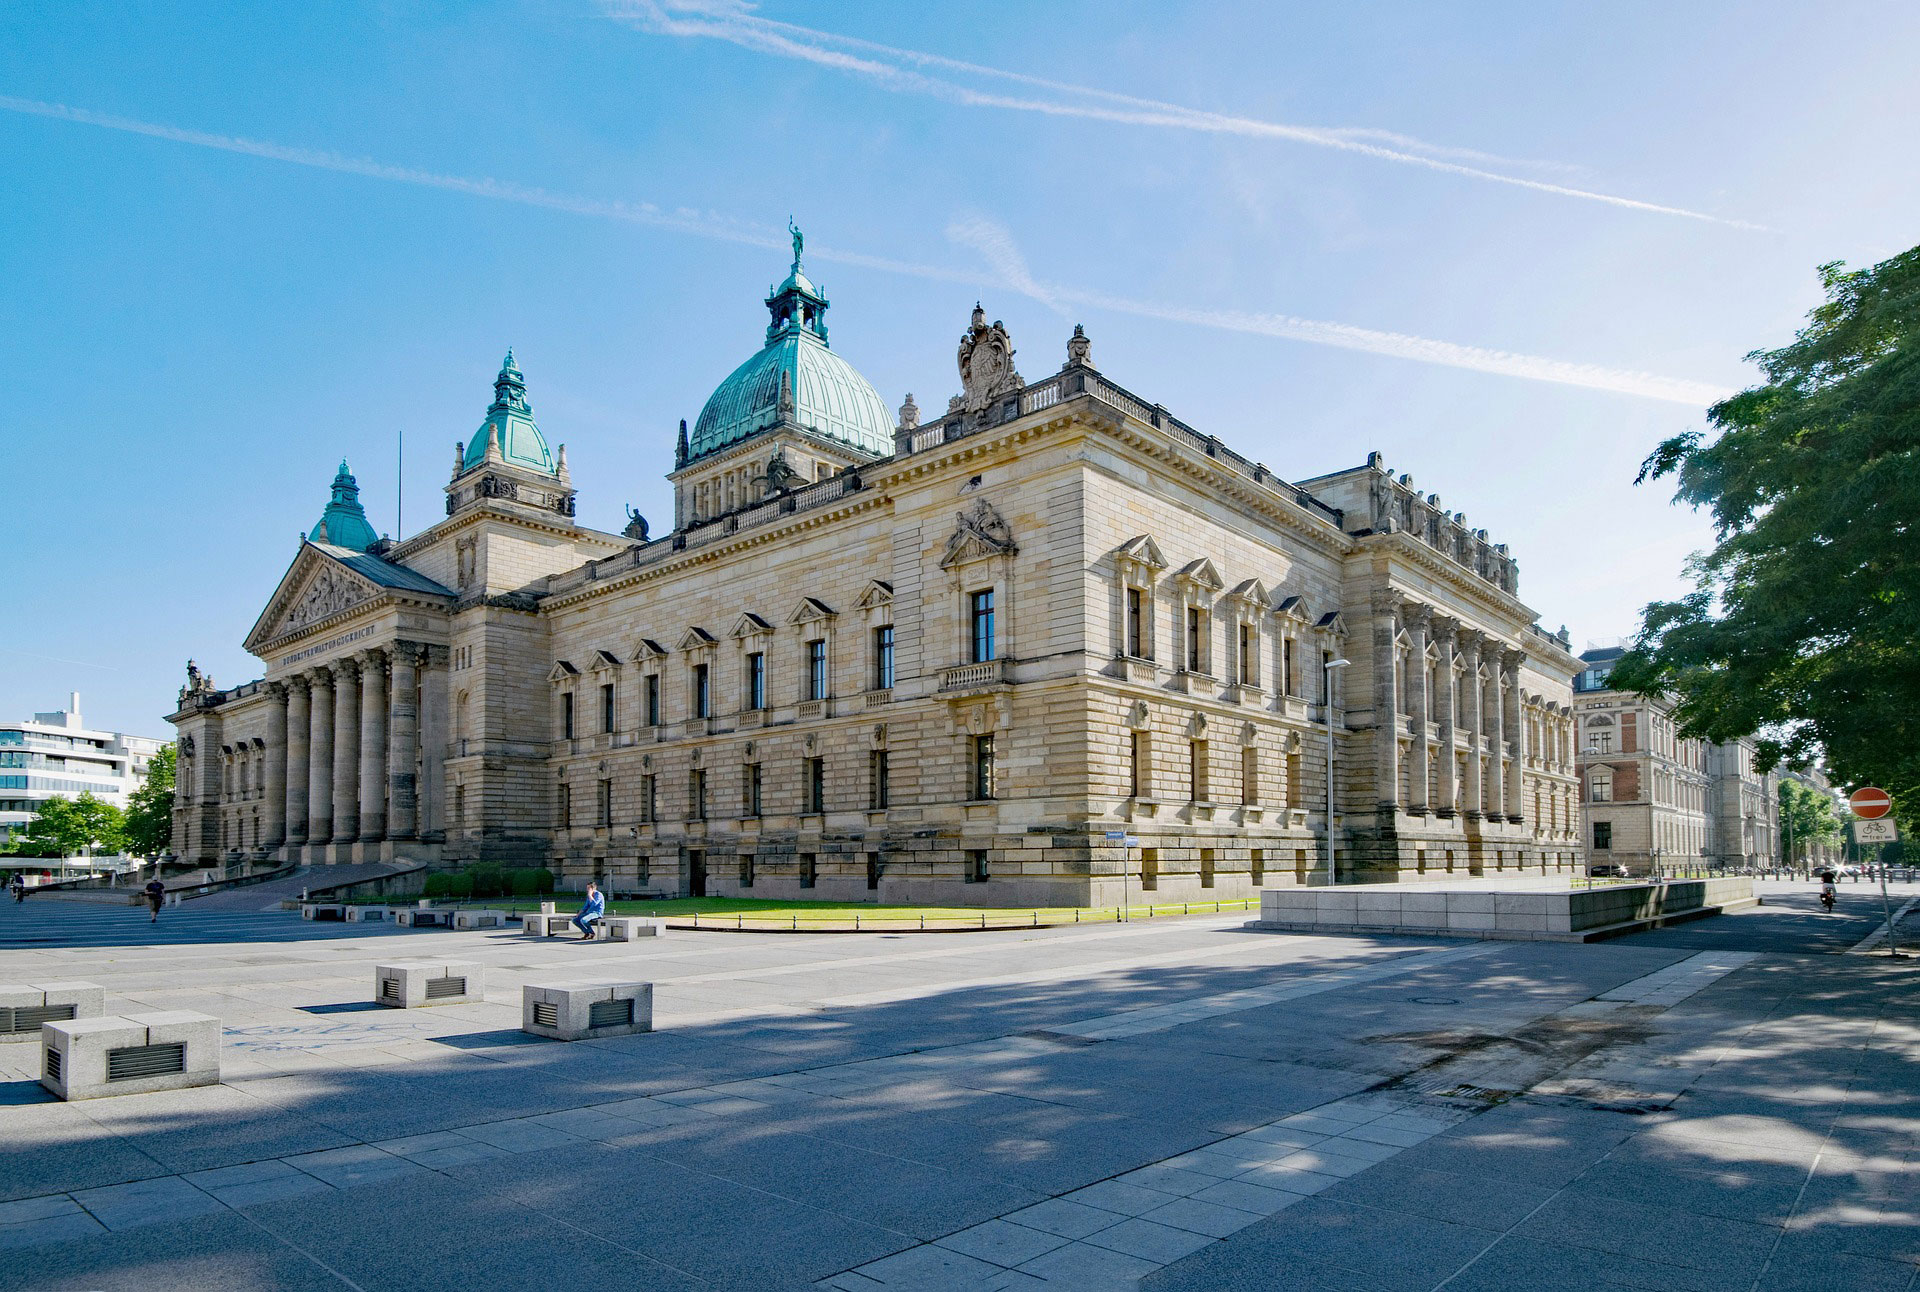 Das Bundesverwaltungsgericht ist eine von vielen imposanten Bauten der Messestadt